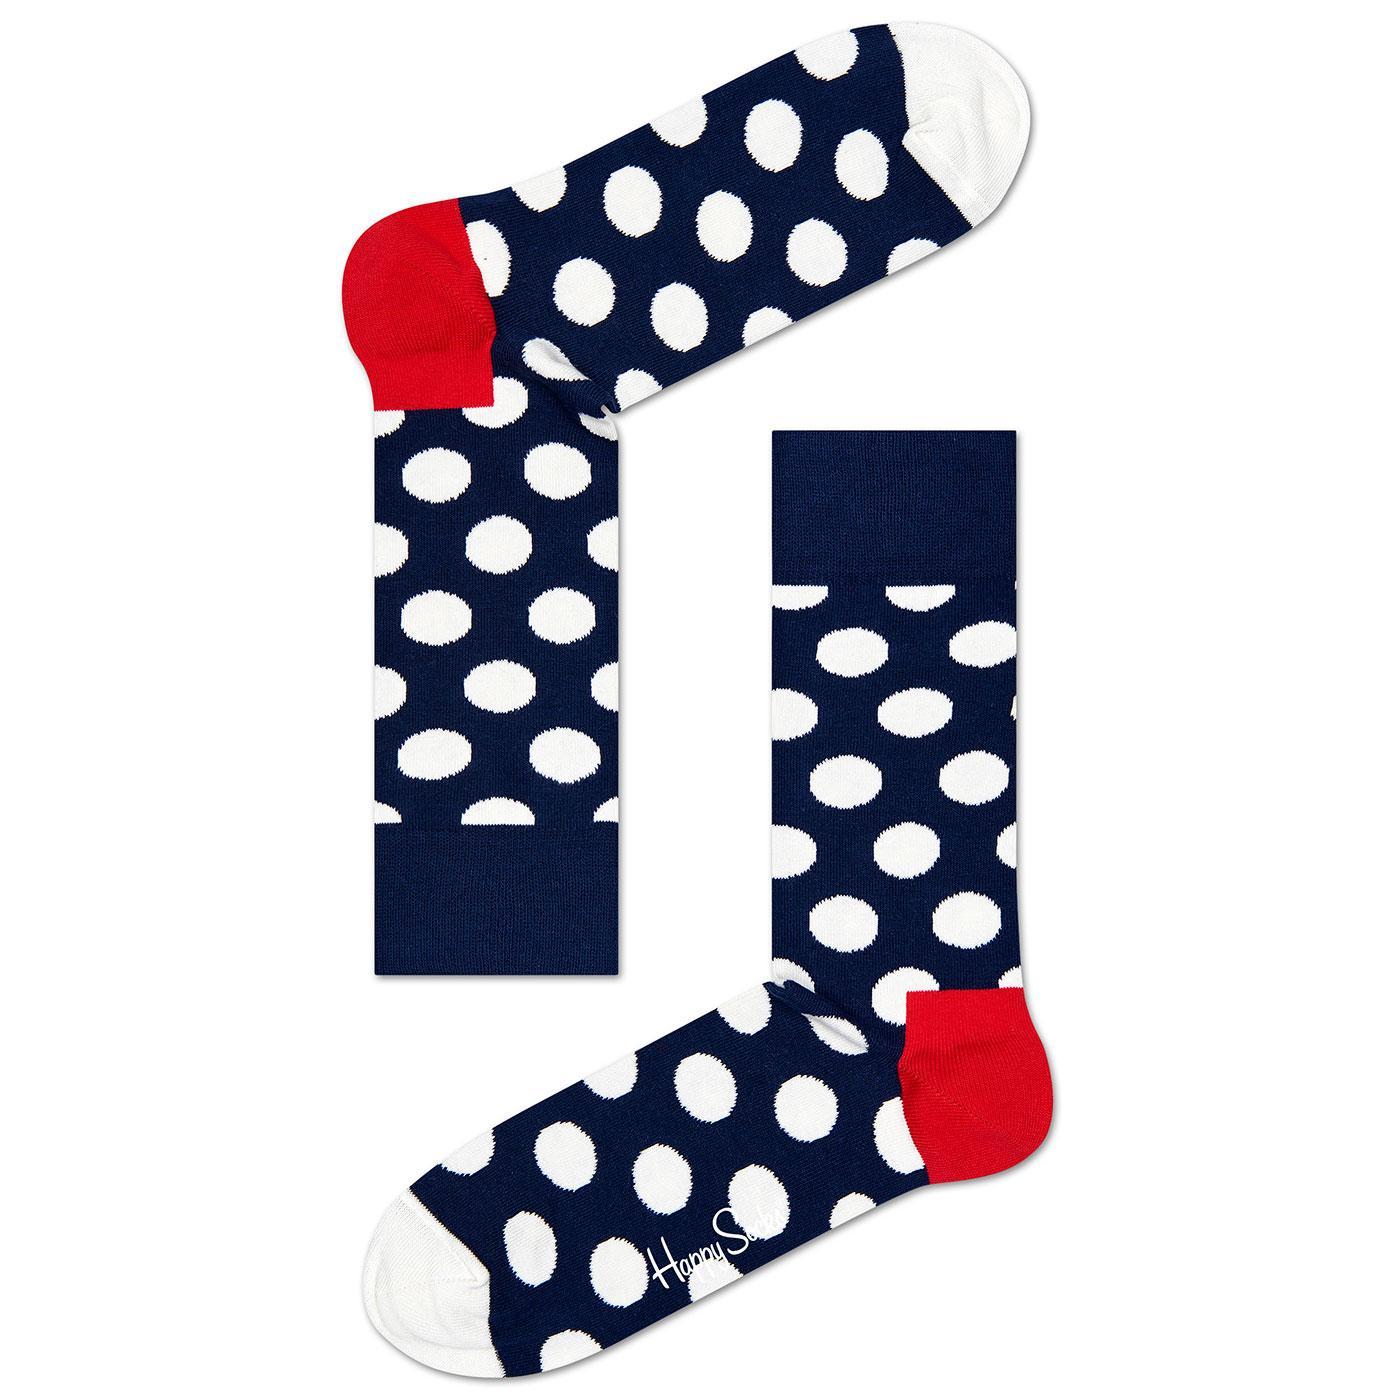 + Big Dot HAPPY SOCKS Retro Polka Dot Socks (Navy)